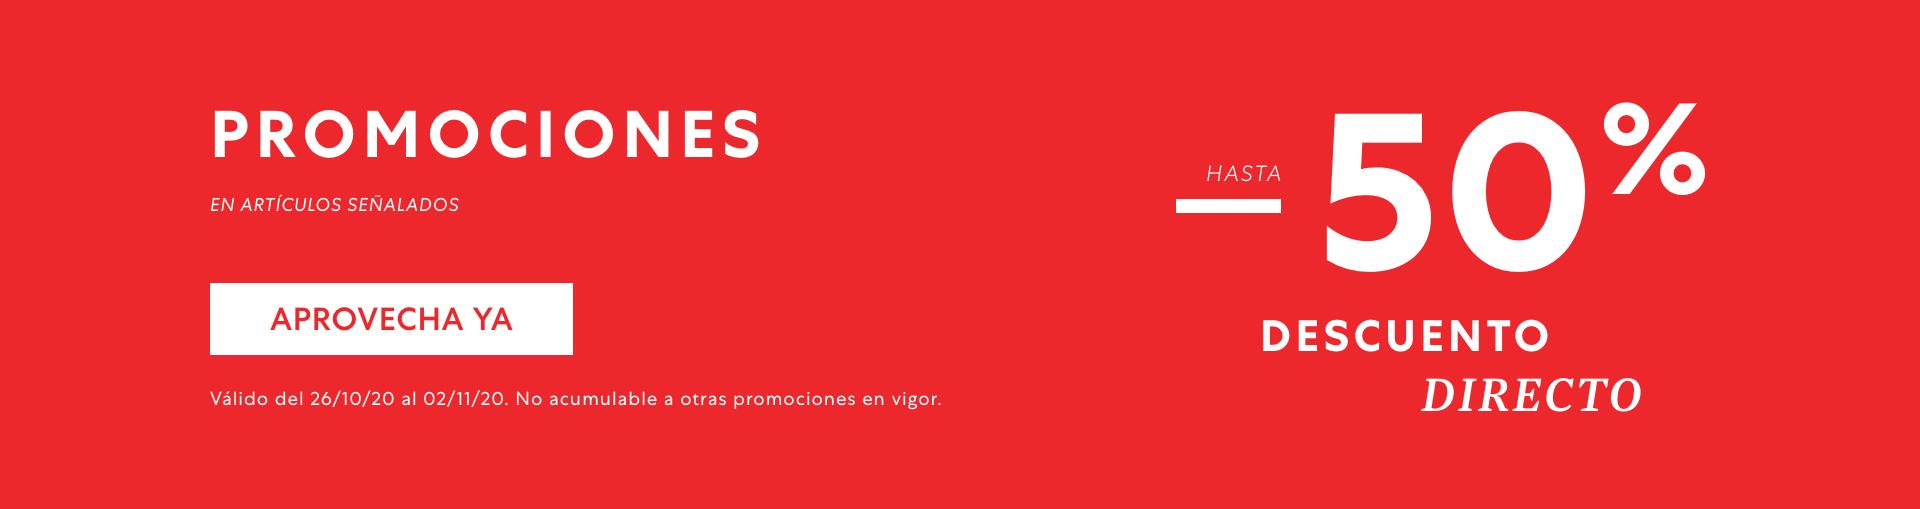 Promociones hasta -50% | Zippy Online